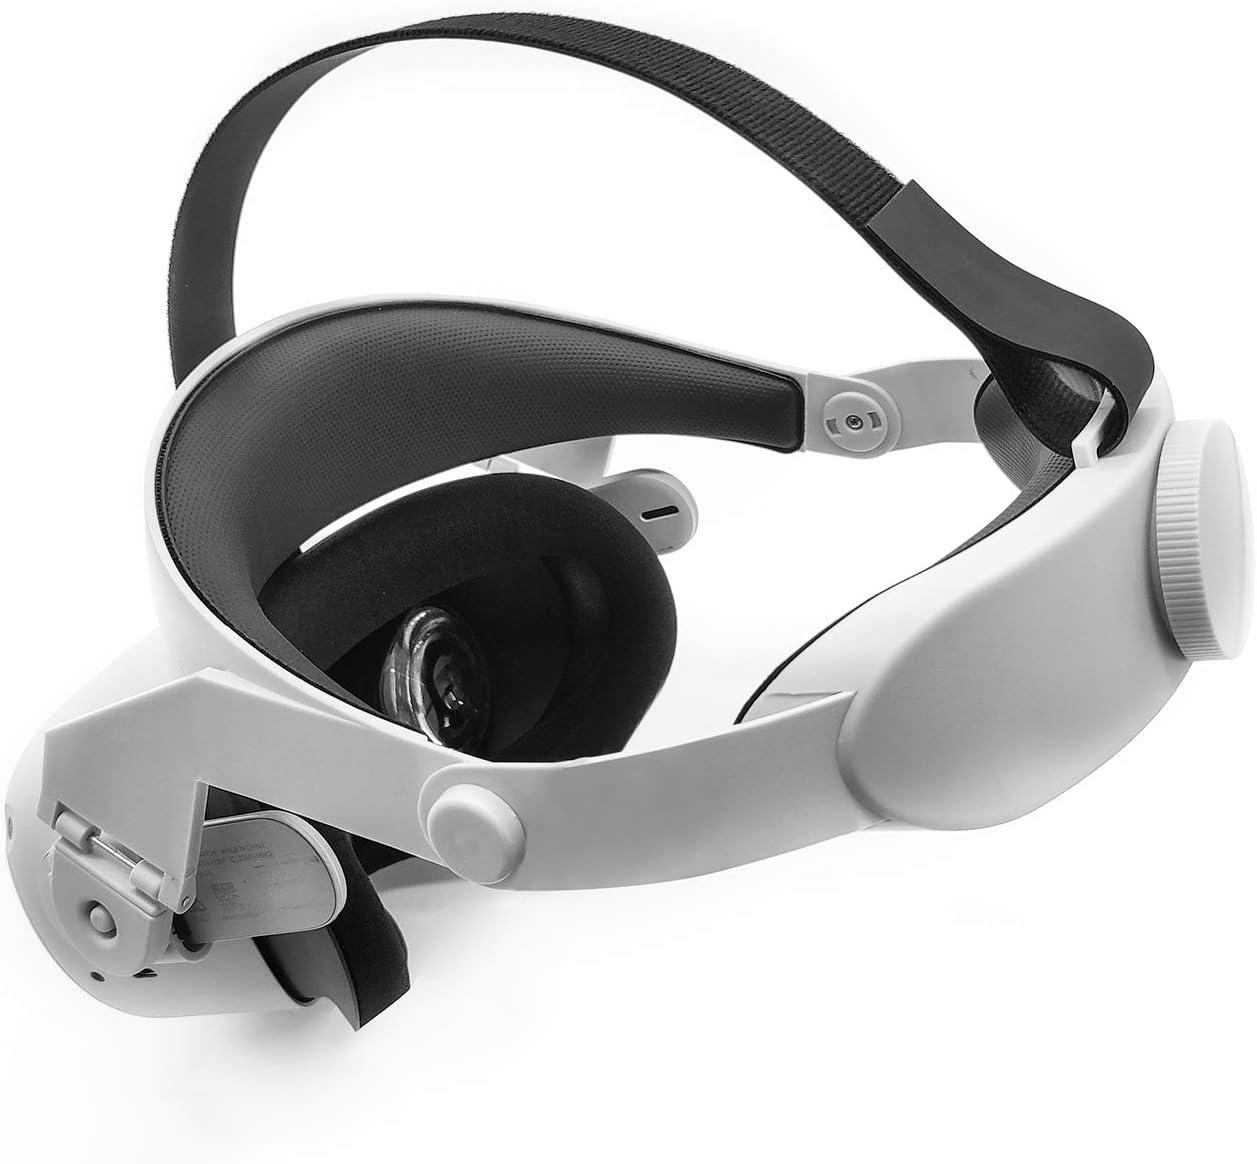 Correa de halo ajustable para Oculus Quest 2 VR, aumenta la fuerza de apoyo y mejora la comodidad. Accesorios de realidad virtual (blanco)